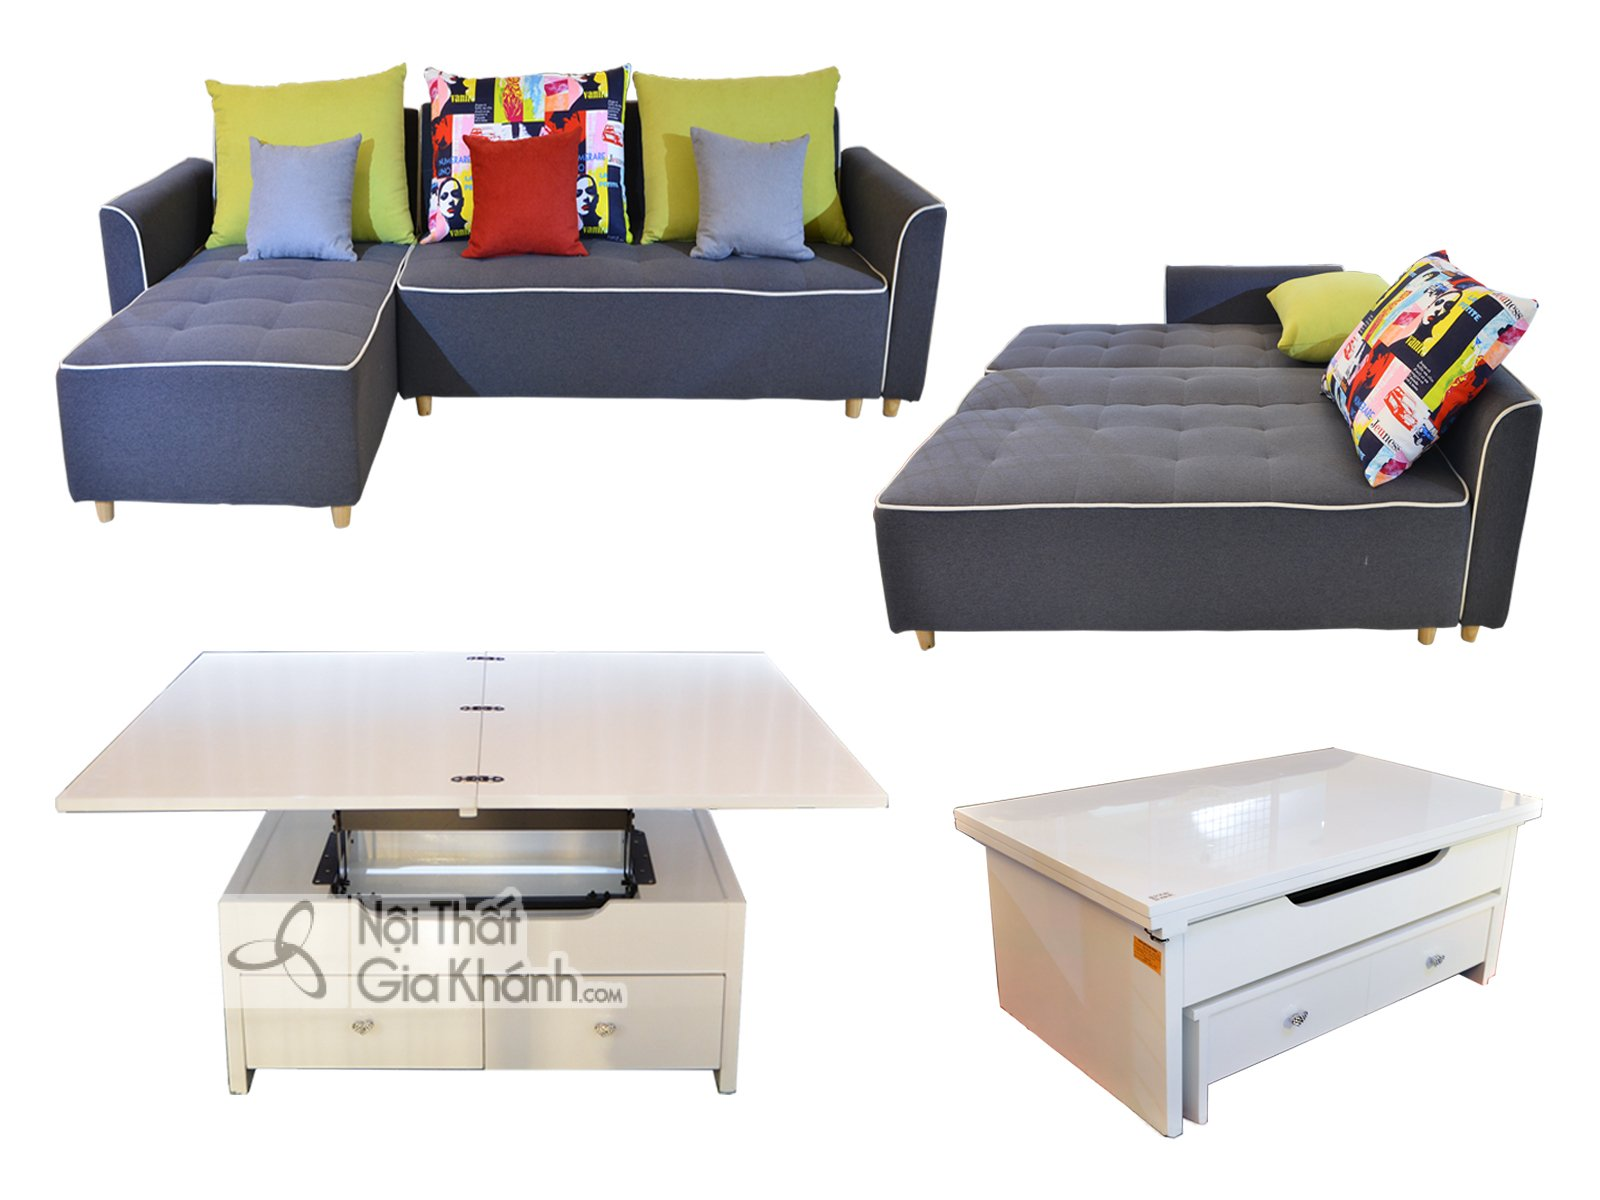 Bộ Sofa giường - Sofa bed - Bàn trà đa năng nhập khẩu SF233-801BT